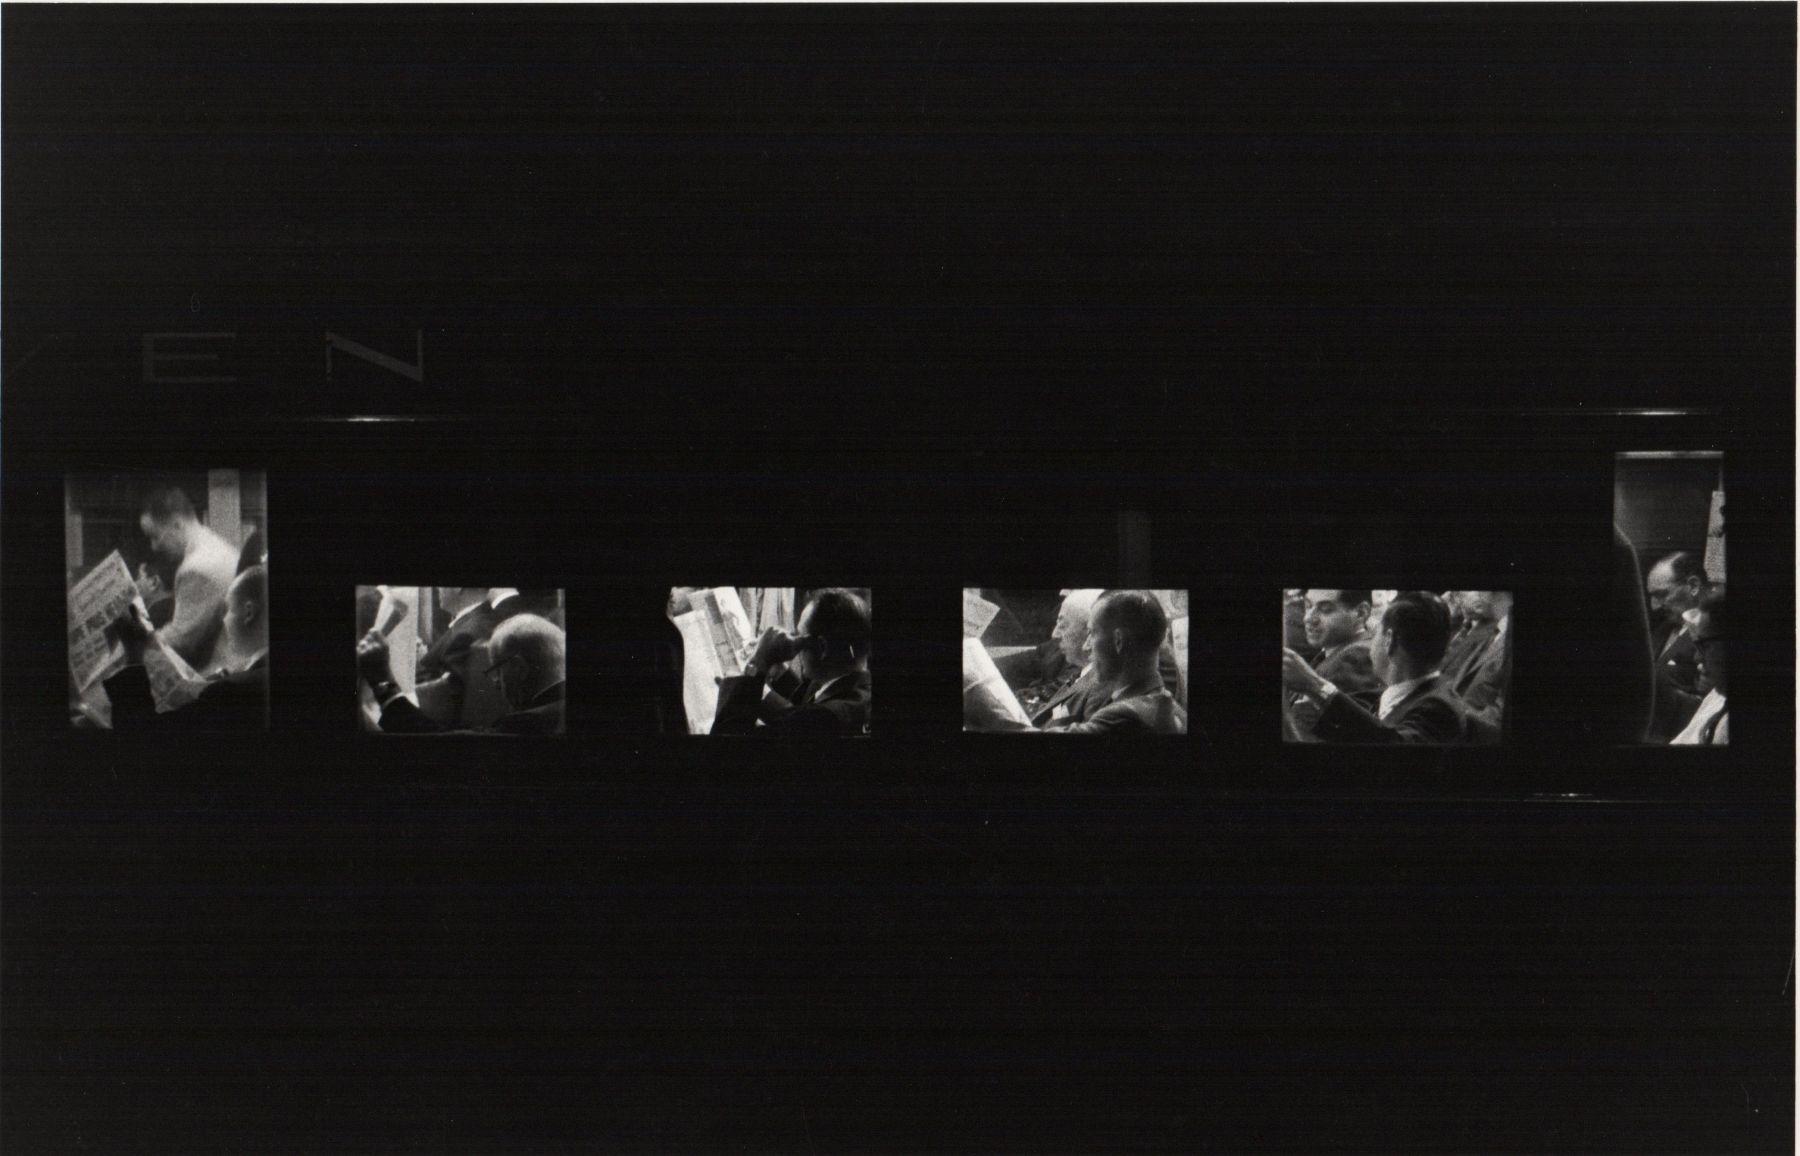 Louis Stettner - The Penn Station Series, 1958